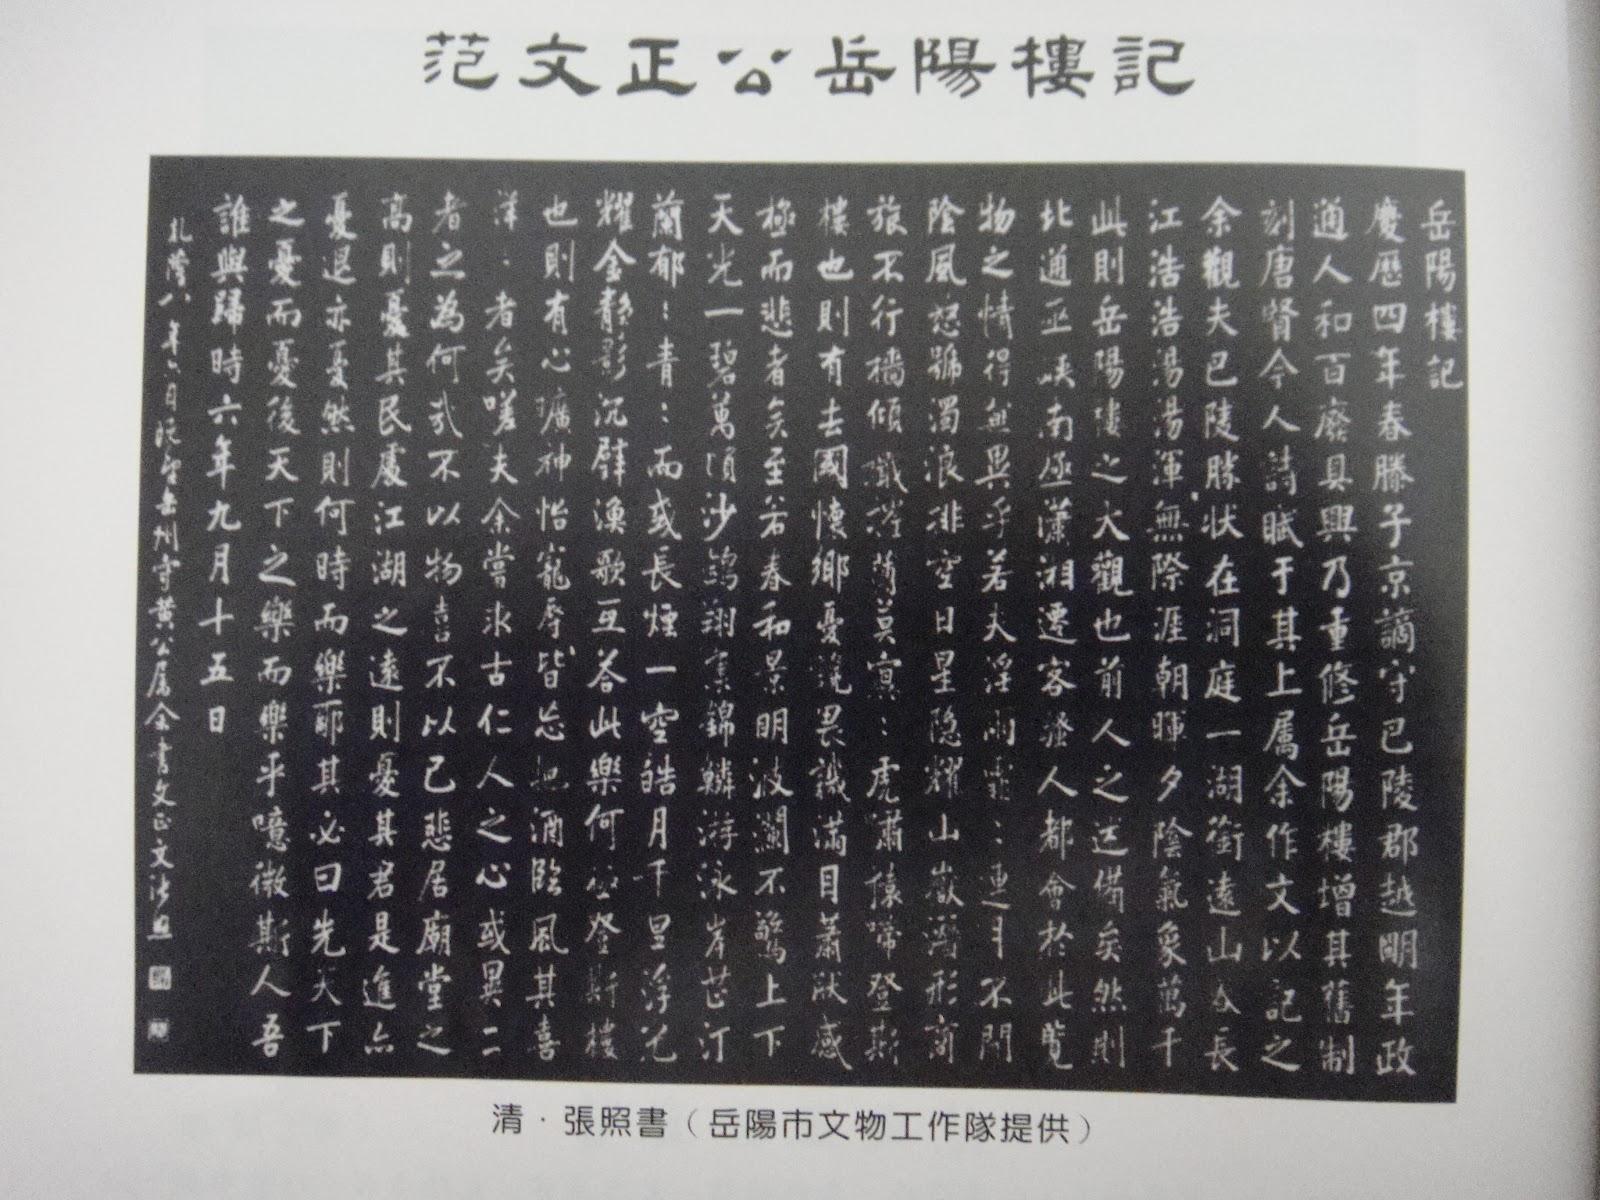 高平世第鹿鳴坑統元公宗族: 岳陽樓記